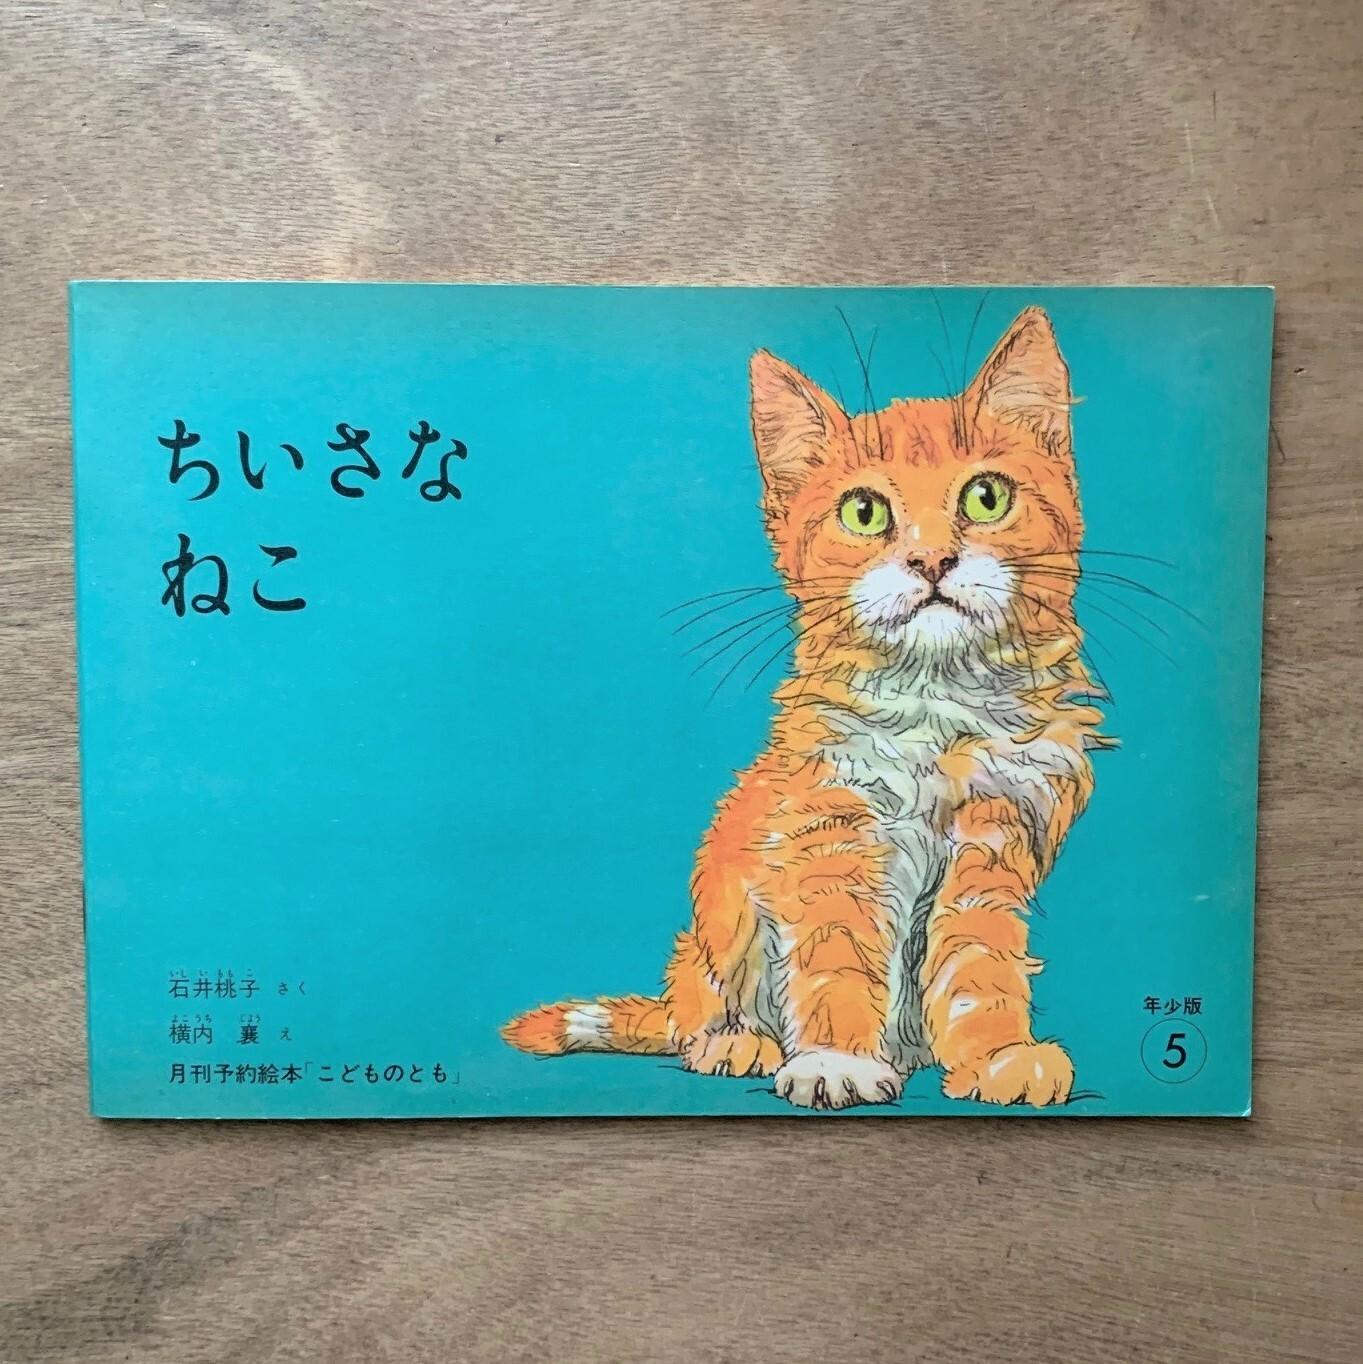 ちいさなねこ / こどものとも年少版 / 石井桃子 / 横内襄